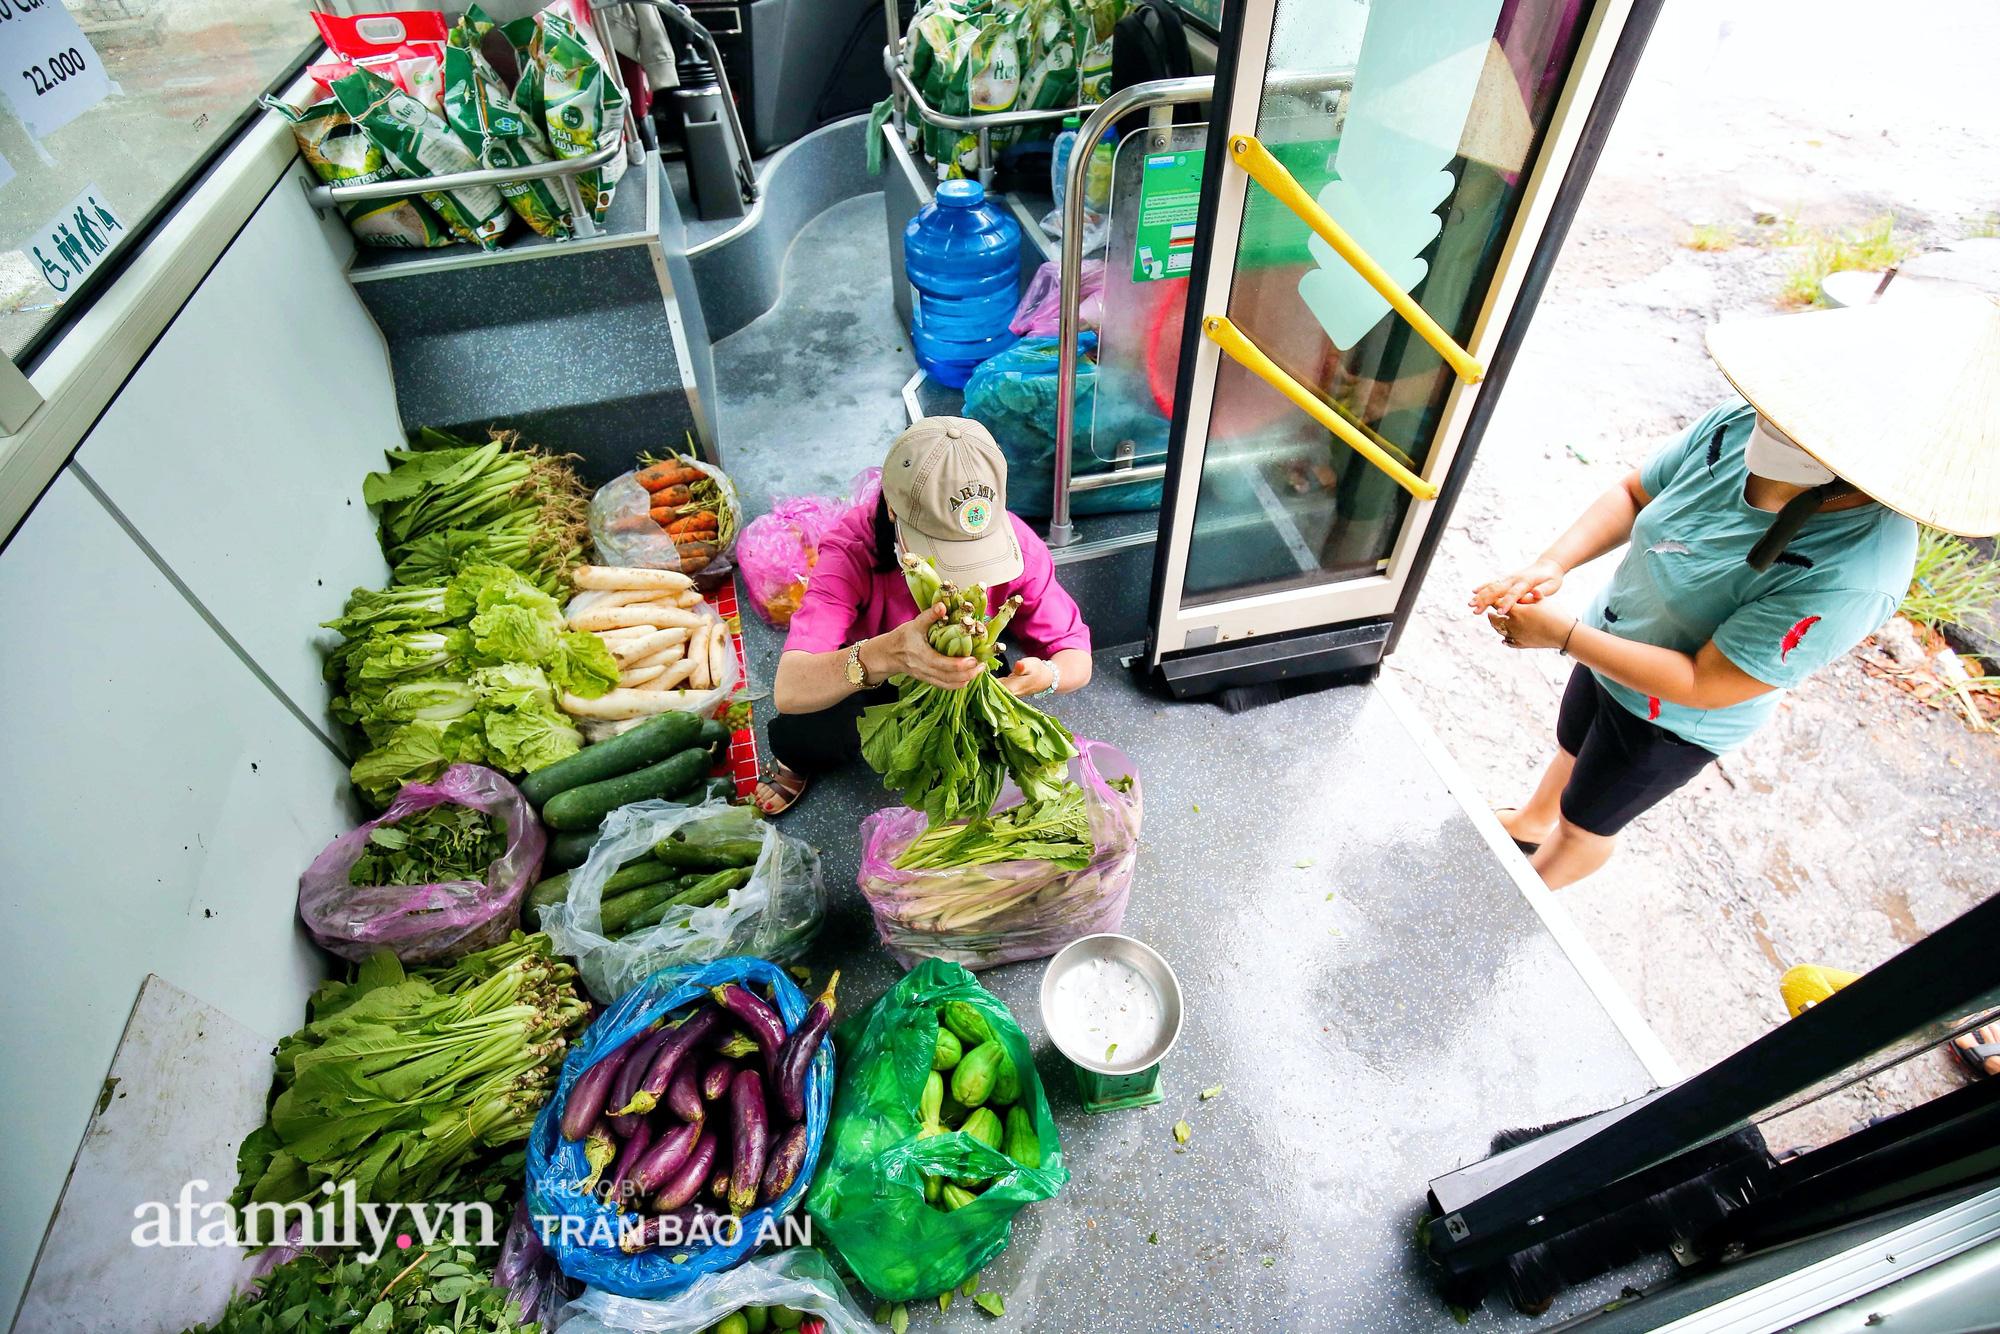 Người Sài Gòn lên xe buýt để... mua rau củ, thịt cá giá bình ổn, đảm bảo an toàn đủ các bước nhưng quan trọng chất lượng liệu ra sao? - Ảnh 8.